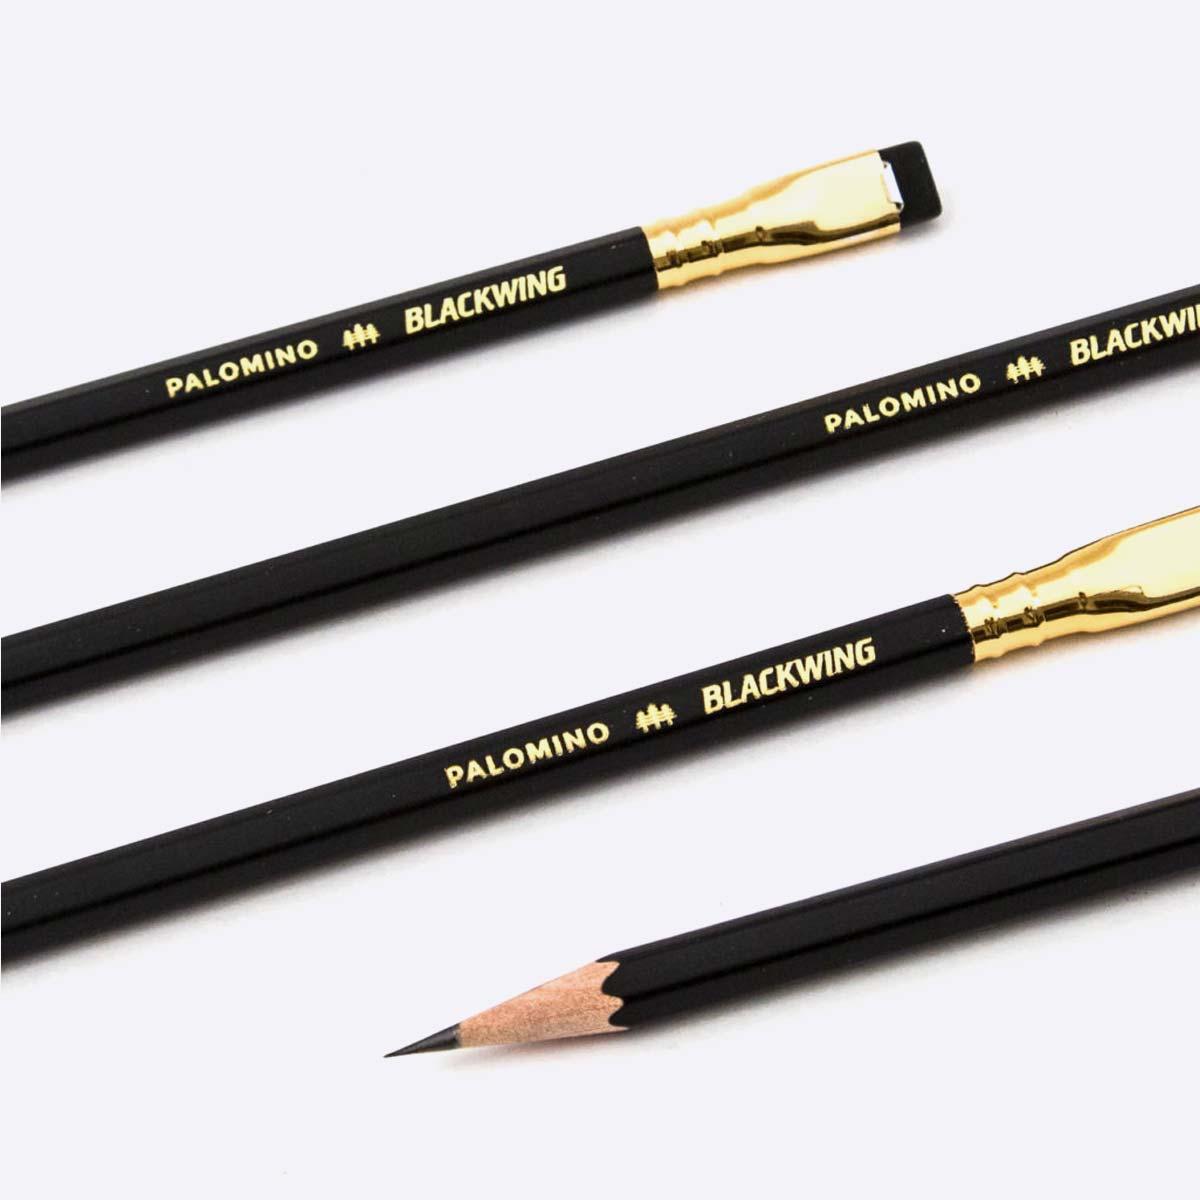 Blackwing Pencil Original